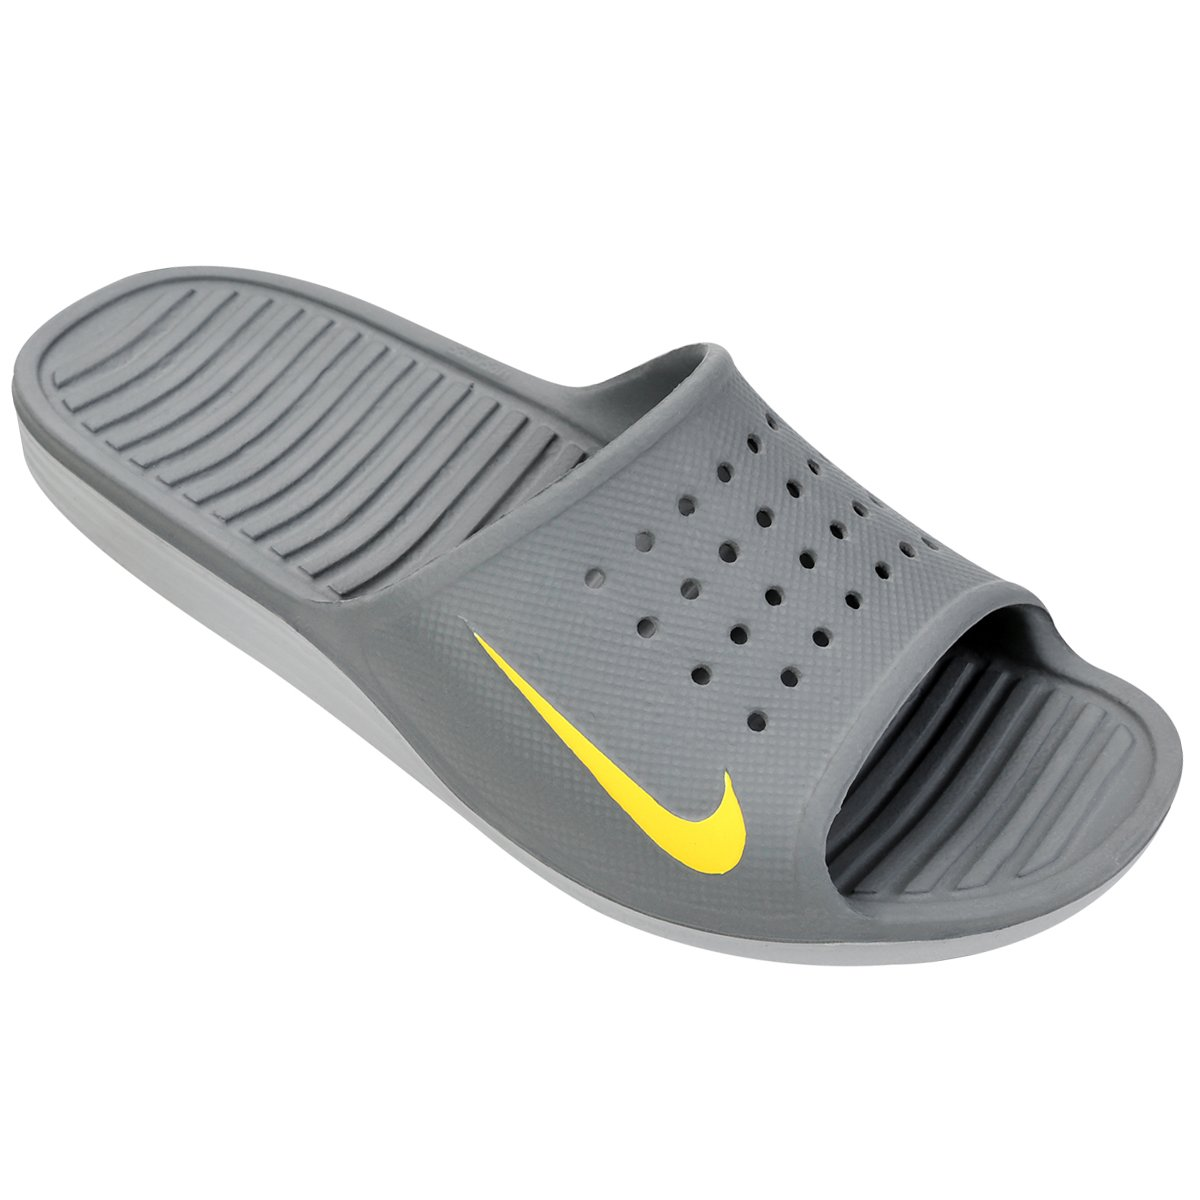 c08fdf9cc4 Chinelo Nike Solarsoft Slide - Compre Agora